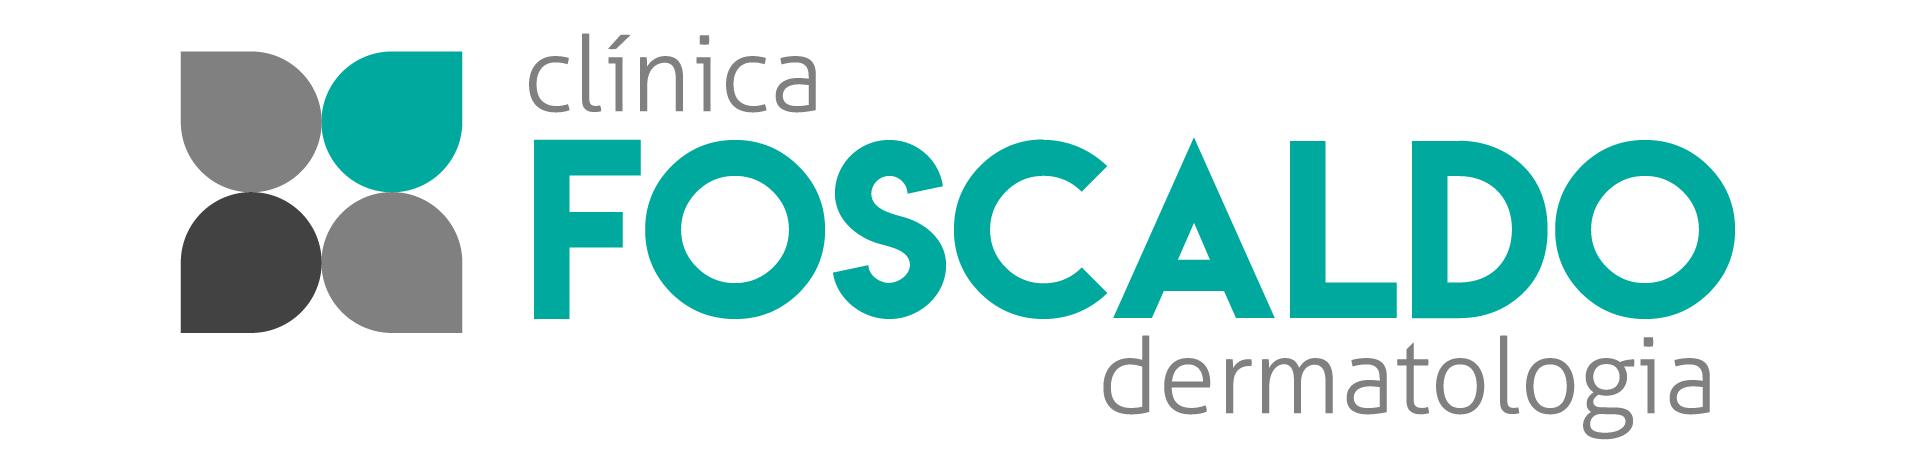 Logotipo - Clínica Foscaldo